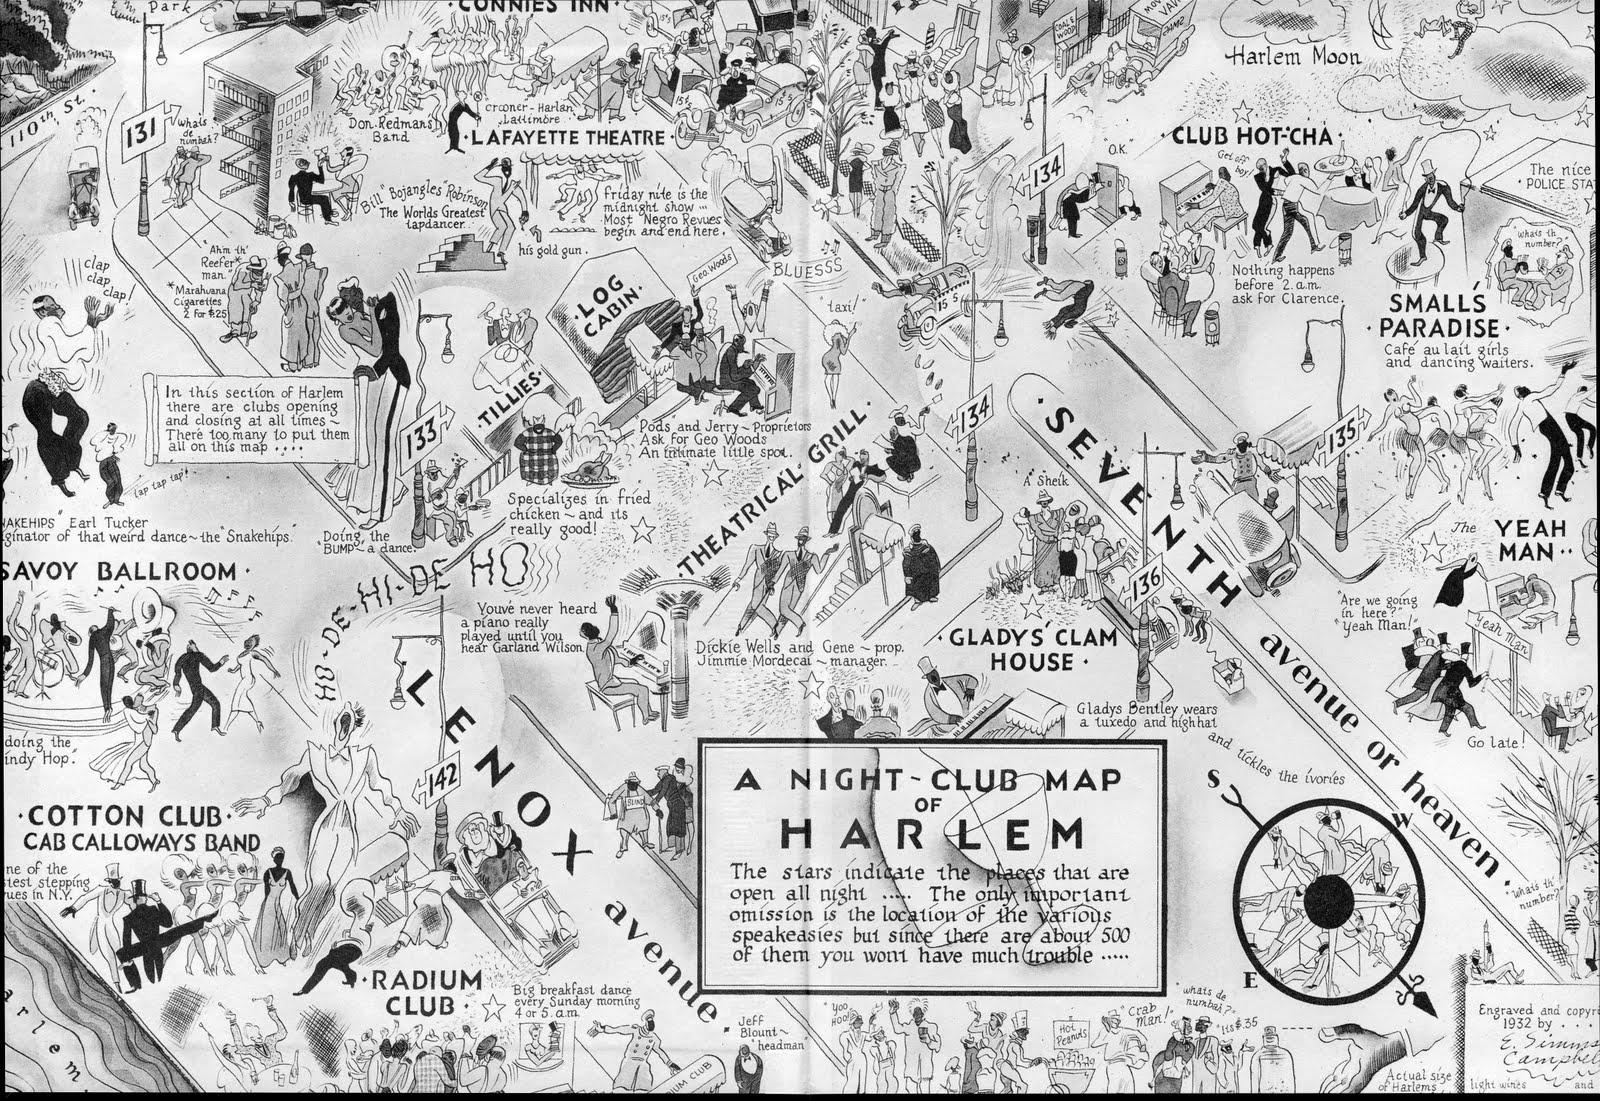 map-harlem-1932